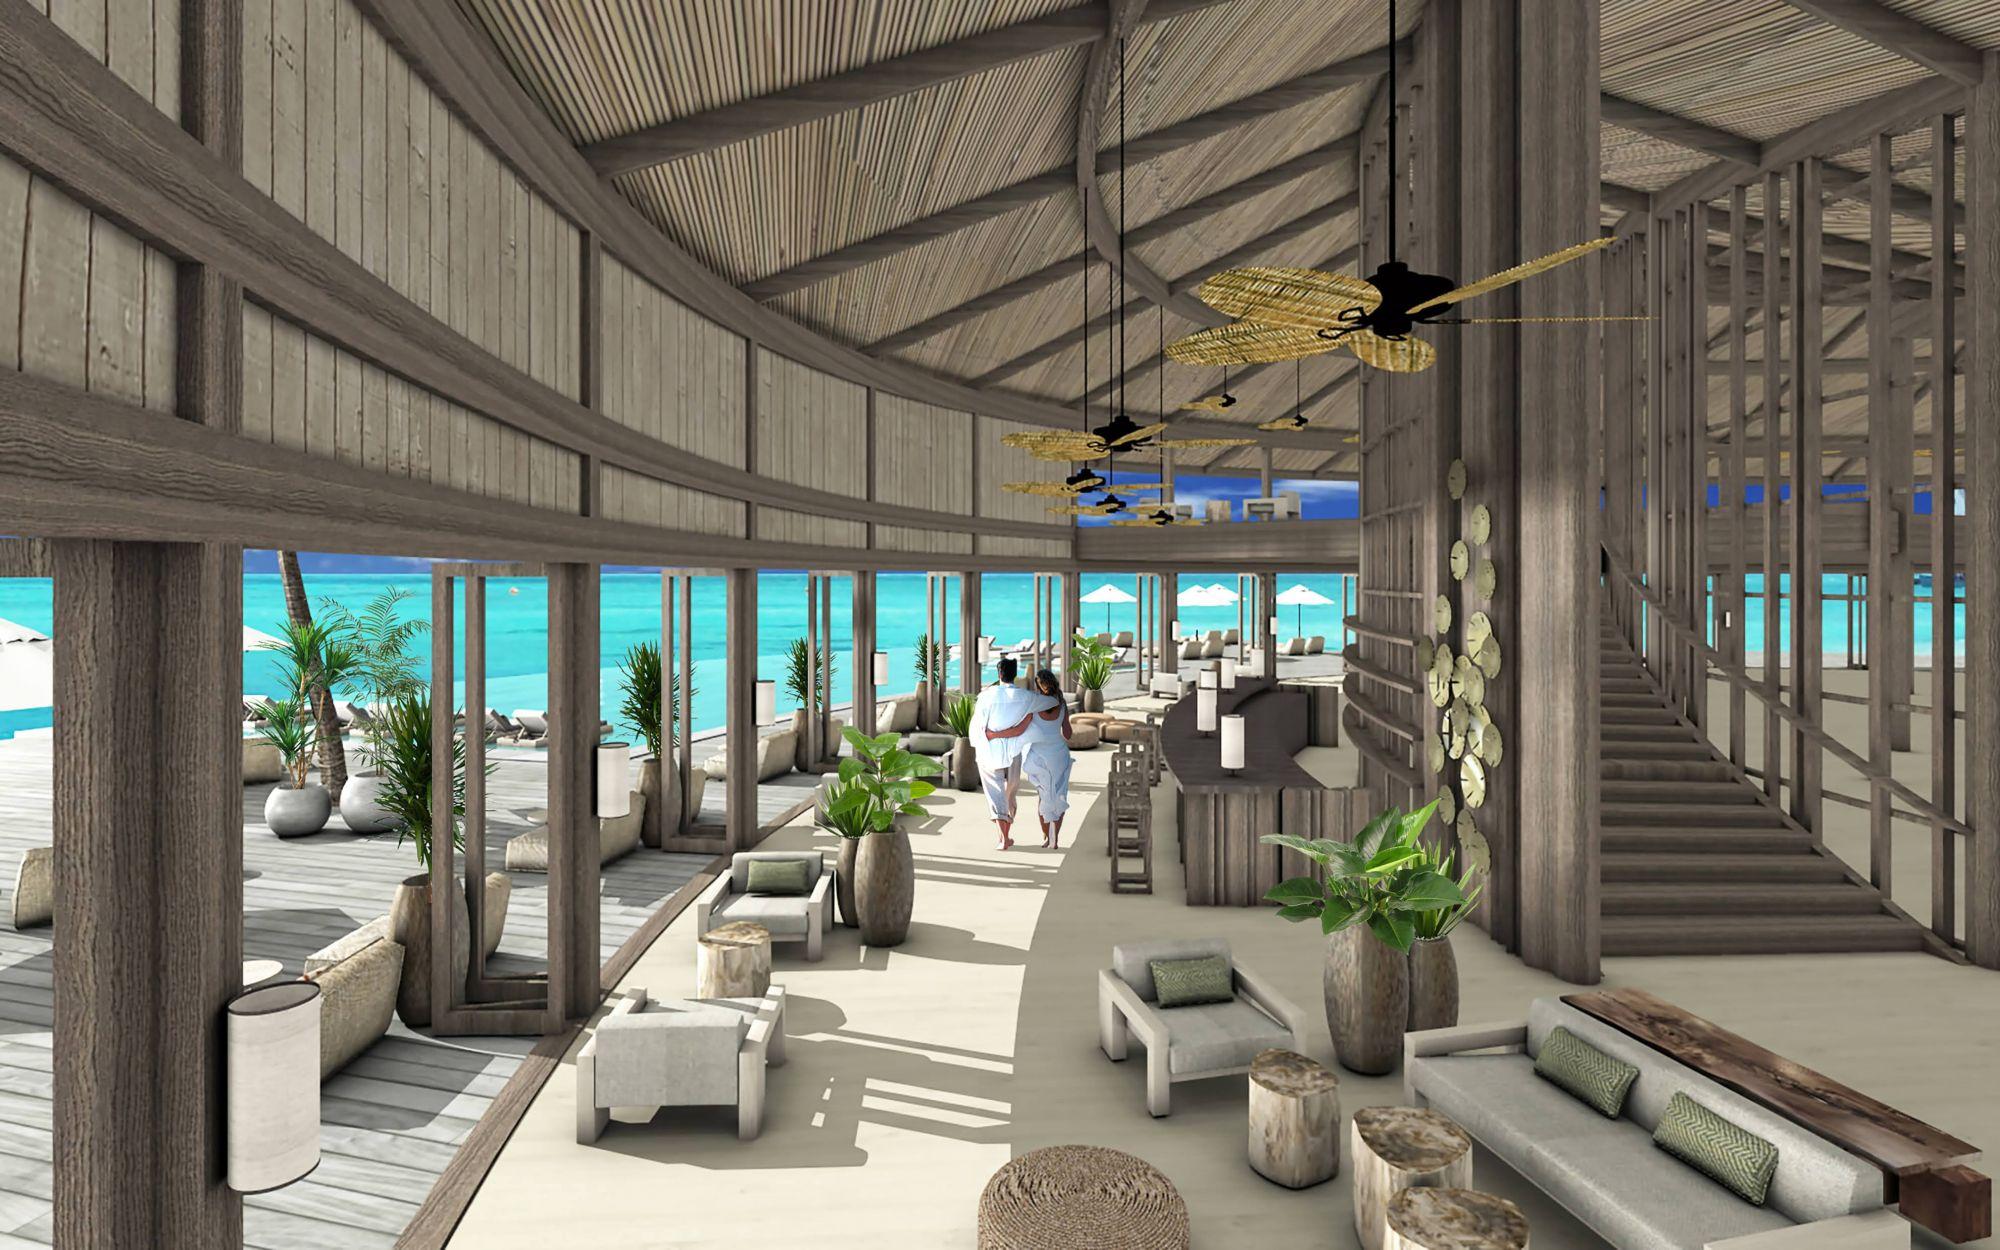 馬爾地夫五星級 Kagi Maldives Spa Island 奢華度假村的的水療中心 Baani Spa 採360度環狀設計。